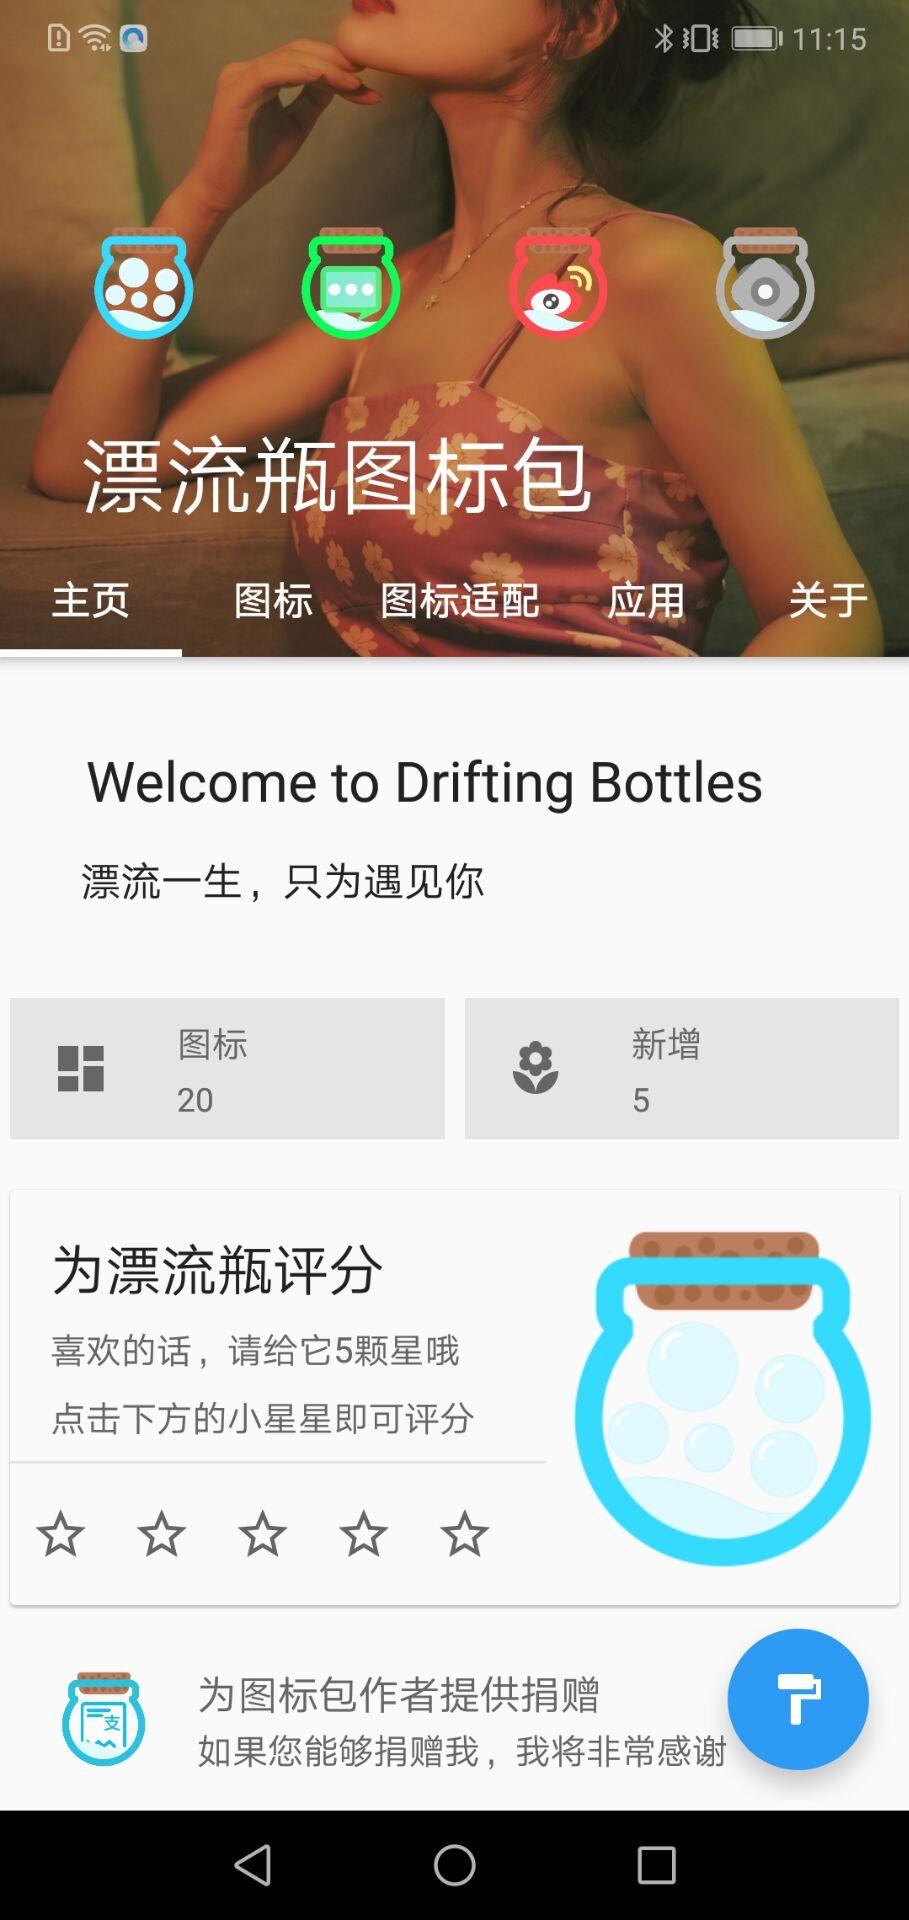 【资源分享】漂流瓶图标包-爱小助